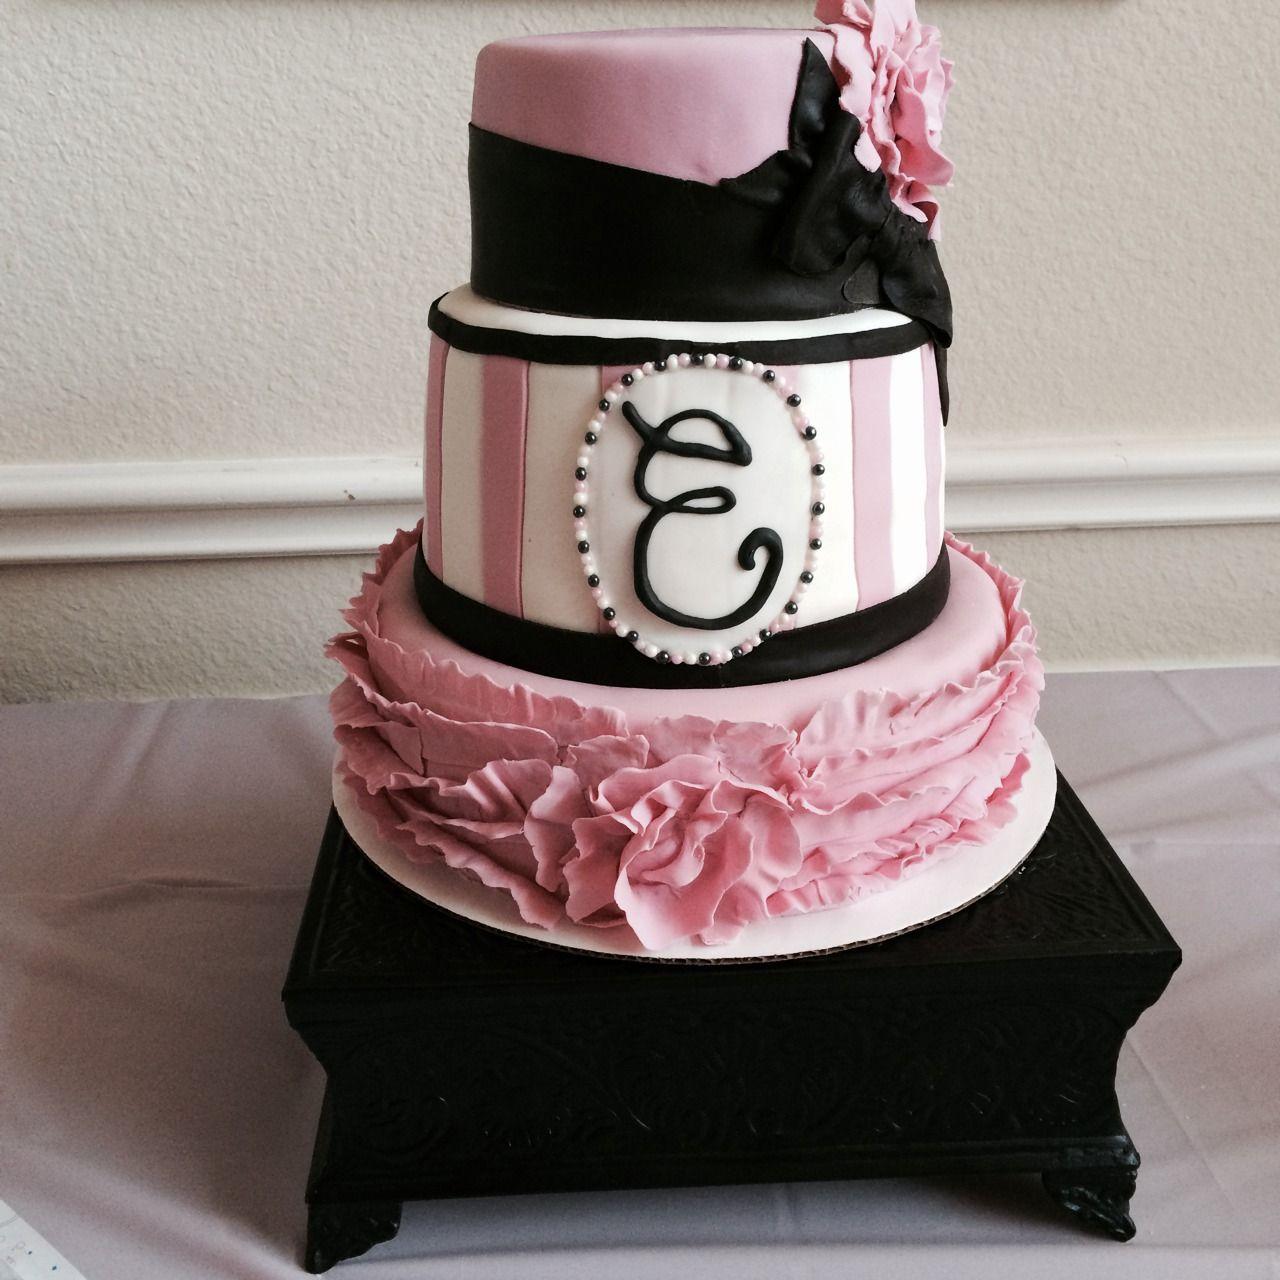 My Princess Birthday Cake Paris Theme Specialty Cake Little - Birthday cake paris